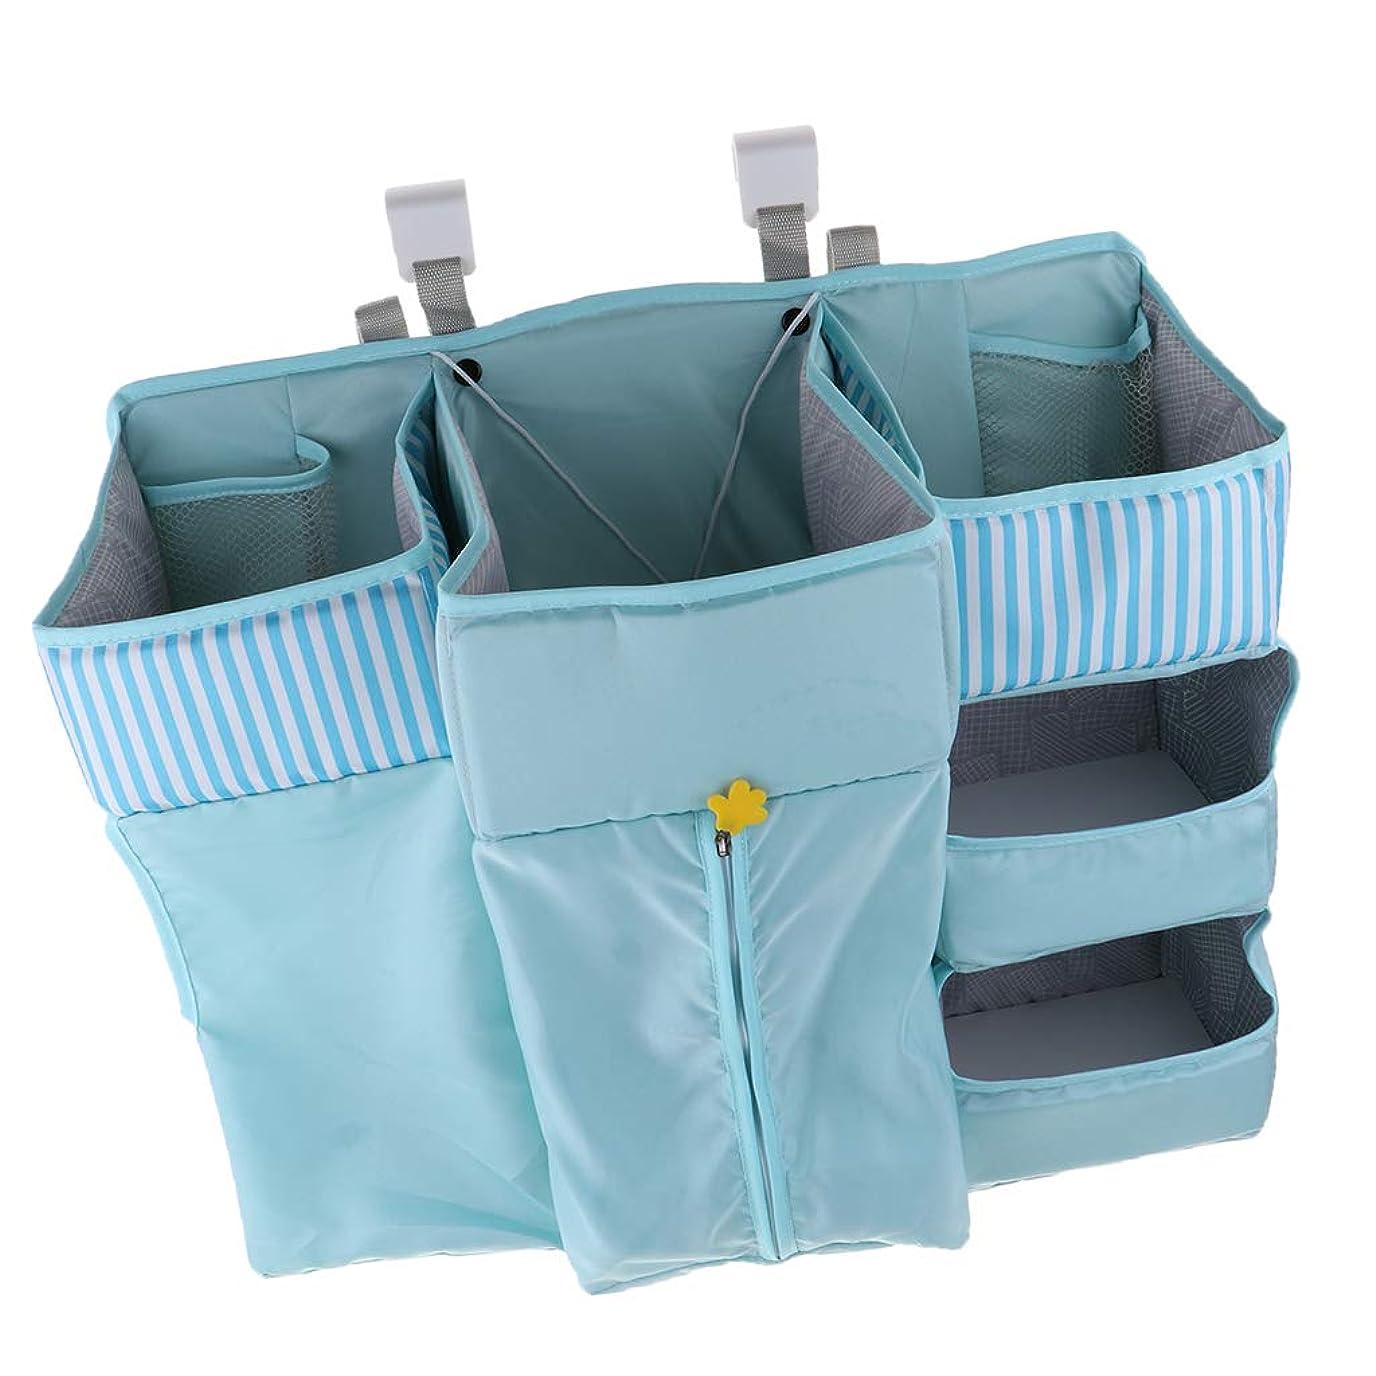 宙返り逆さまに継続中B Blesiya 全3色 ベッド吊り下げ収納 赤ちゃん ベビーベッドルーム用 ぶら下げ収納袋 オーガナイザー - ブルー